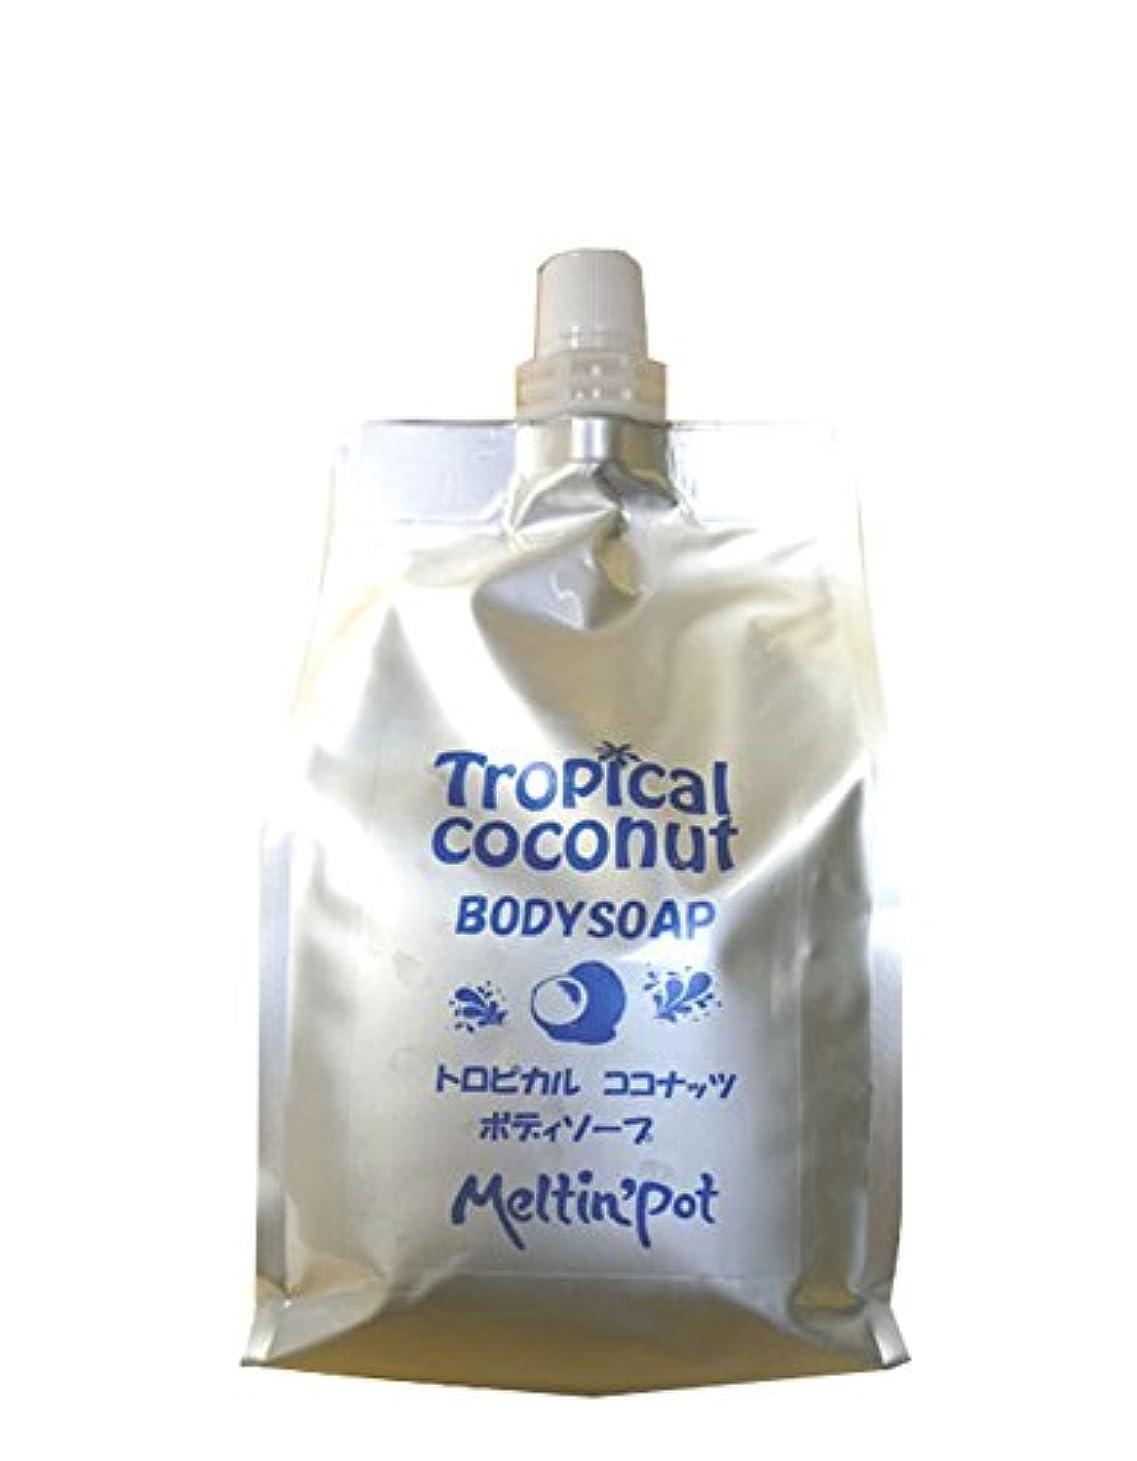 ビジョン皮肉かび臭いトロピカルココナッツ ボディソープ 1000ml 詰め替え Tropical coconut Body Soap 加齢臭に! [MeltinPot]